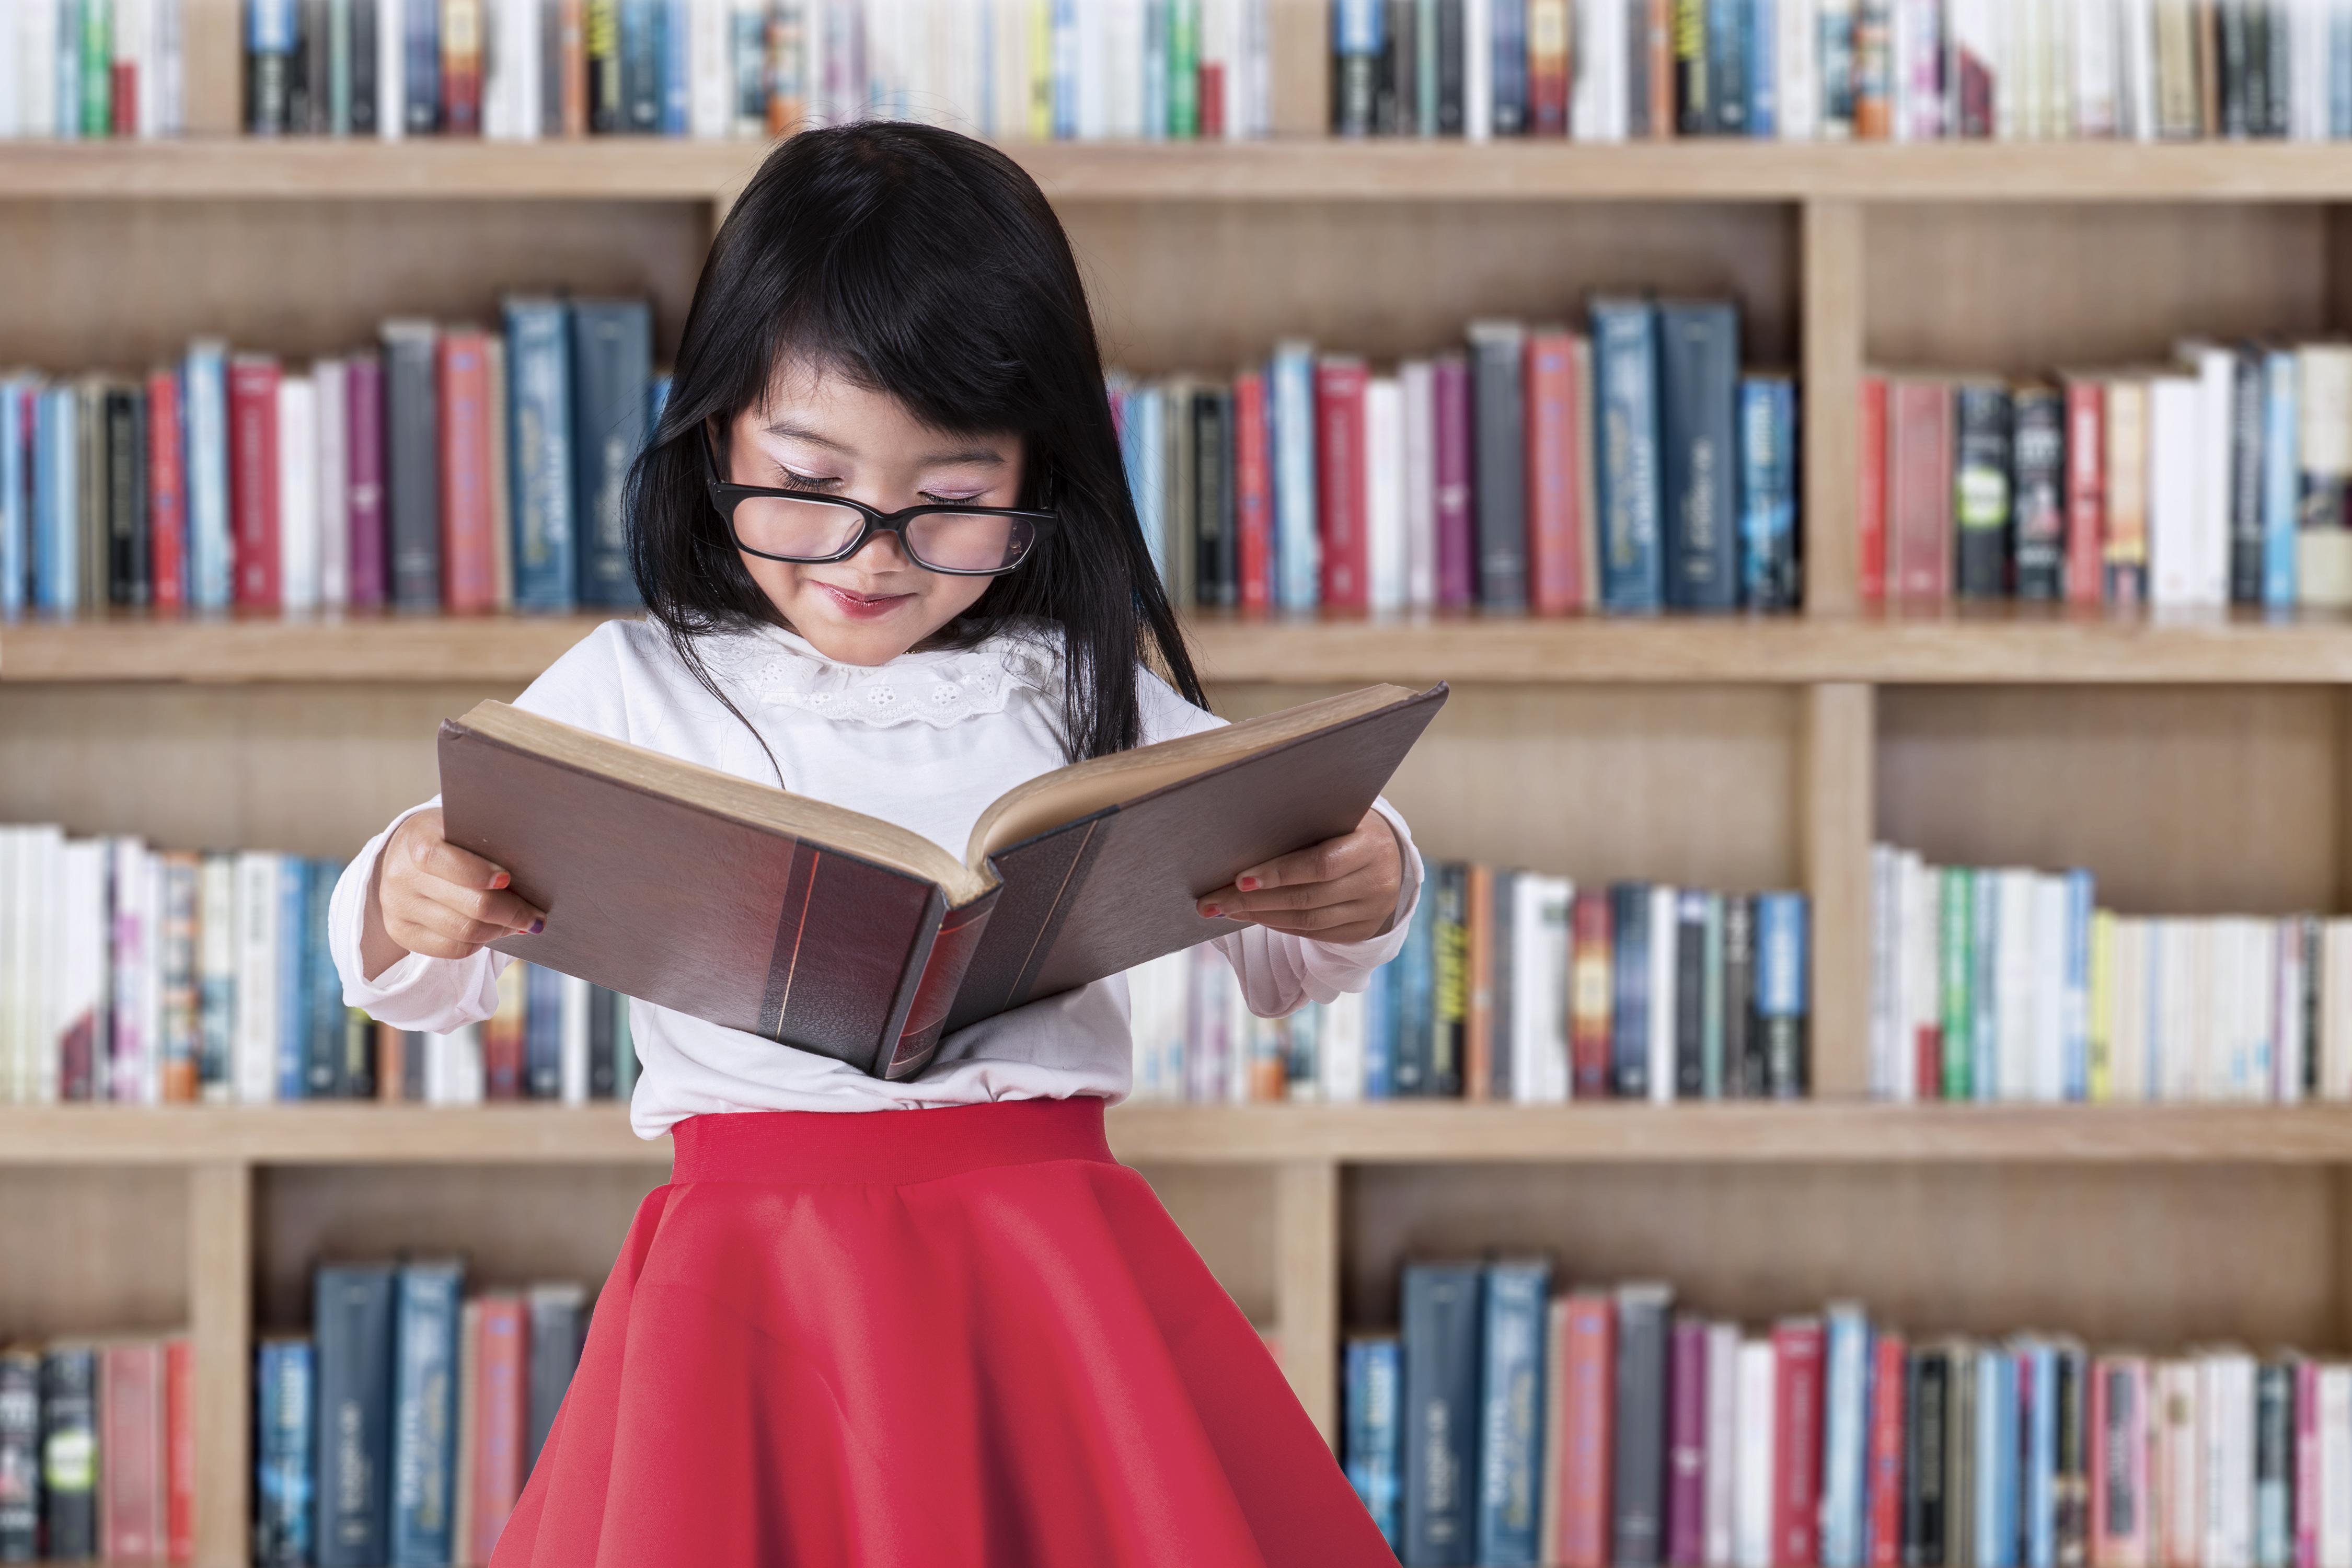 Открытки, картинки дети и книги в библиотеке